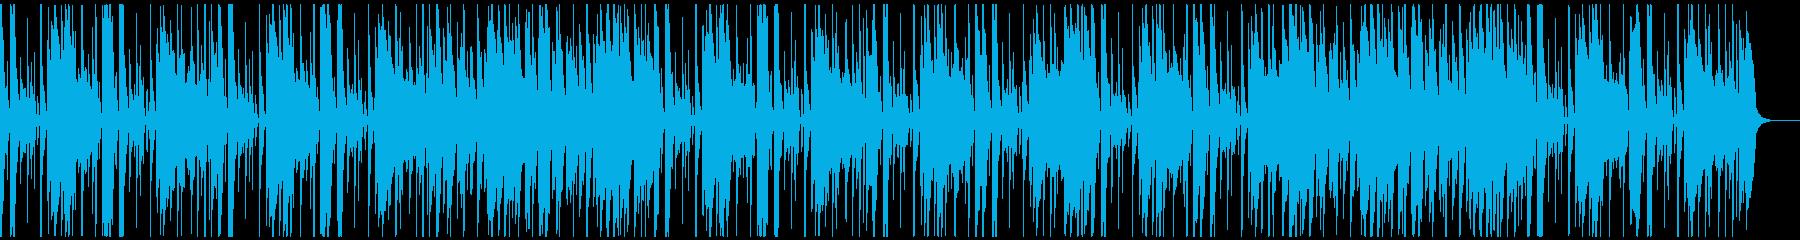 ノリの良いアコギと木琴の曲です。の再生済みの波形